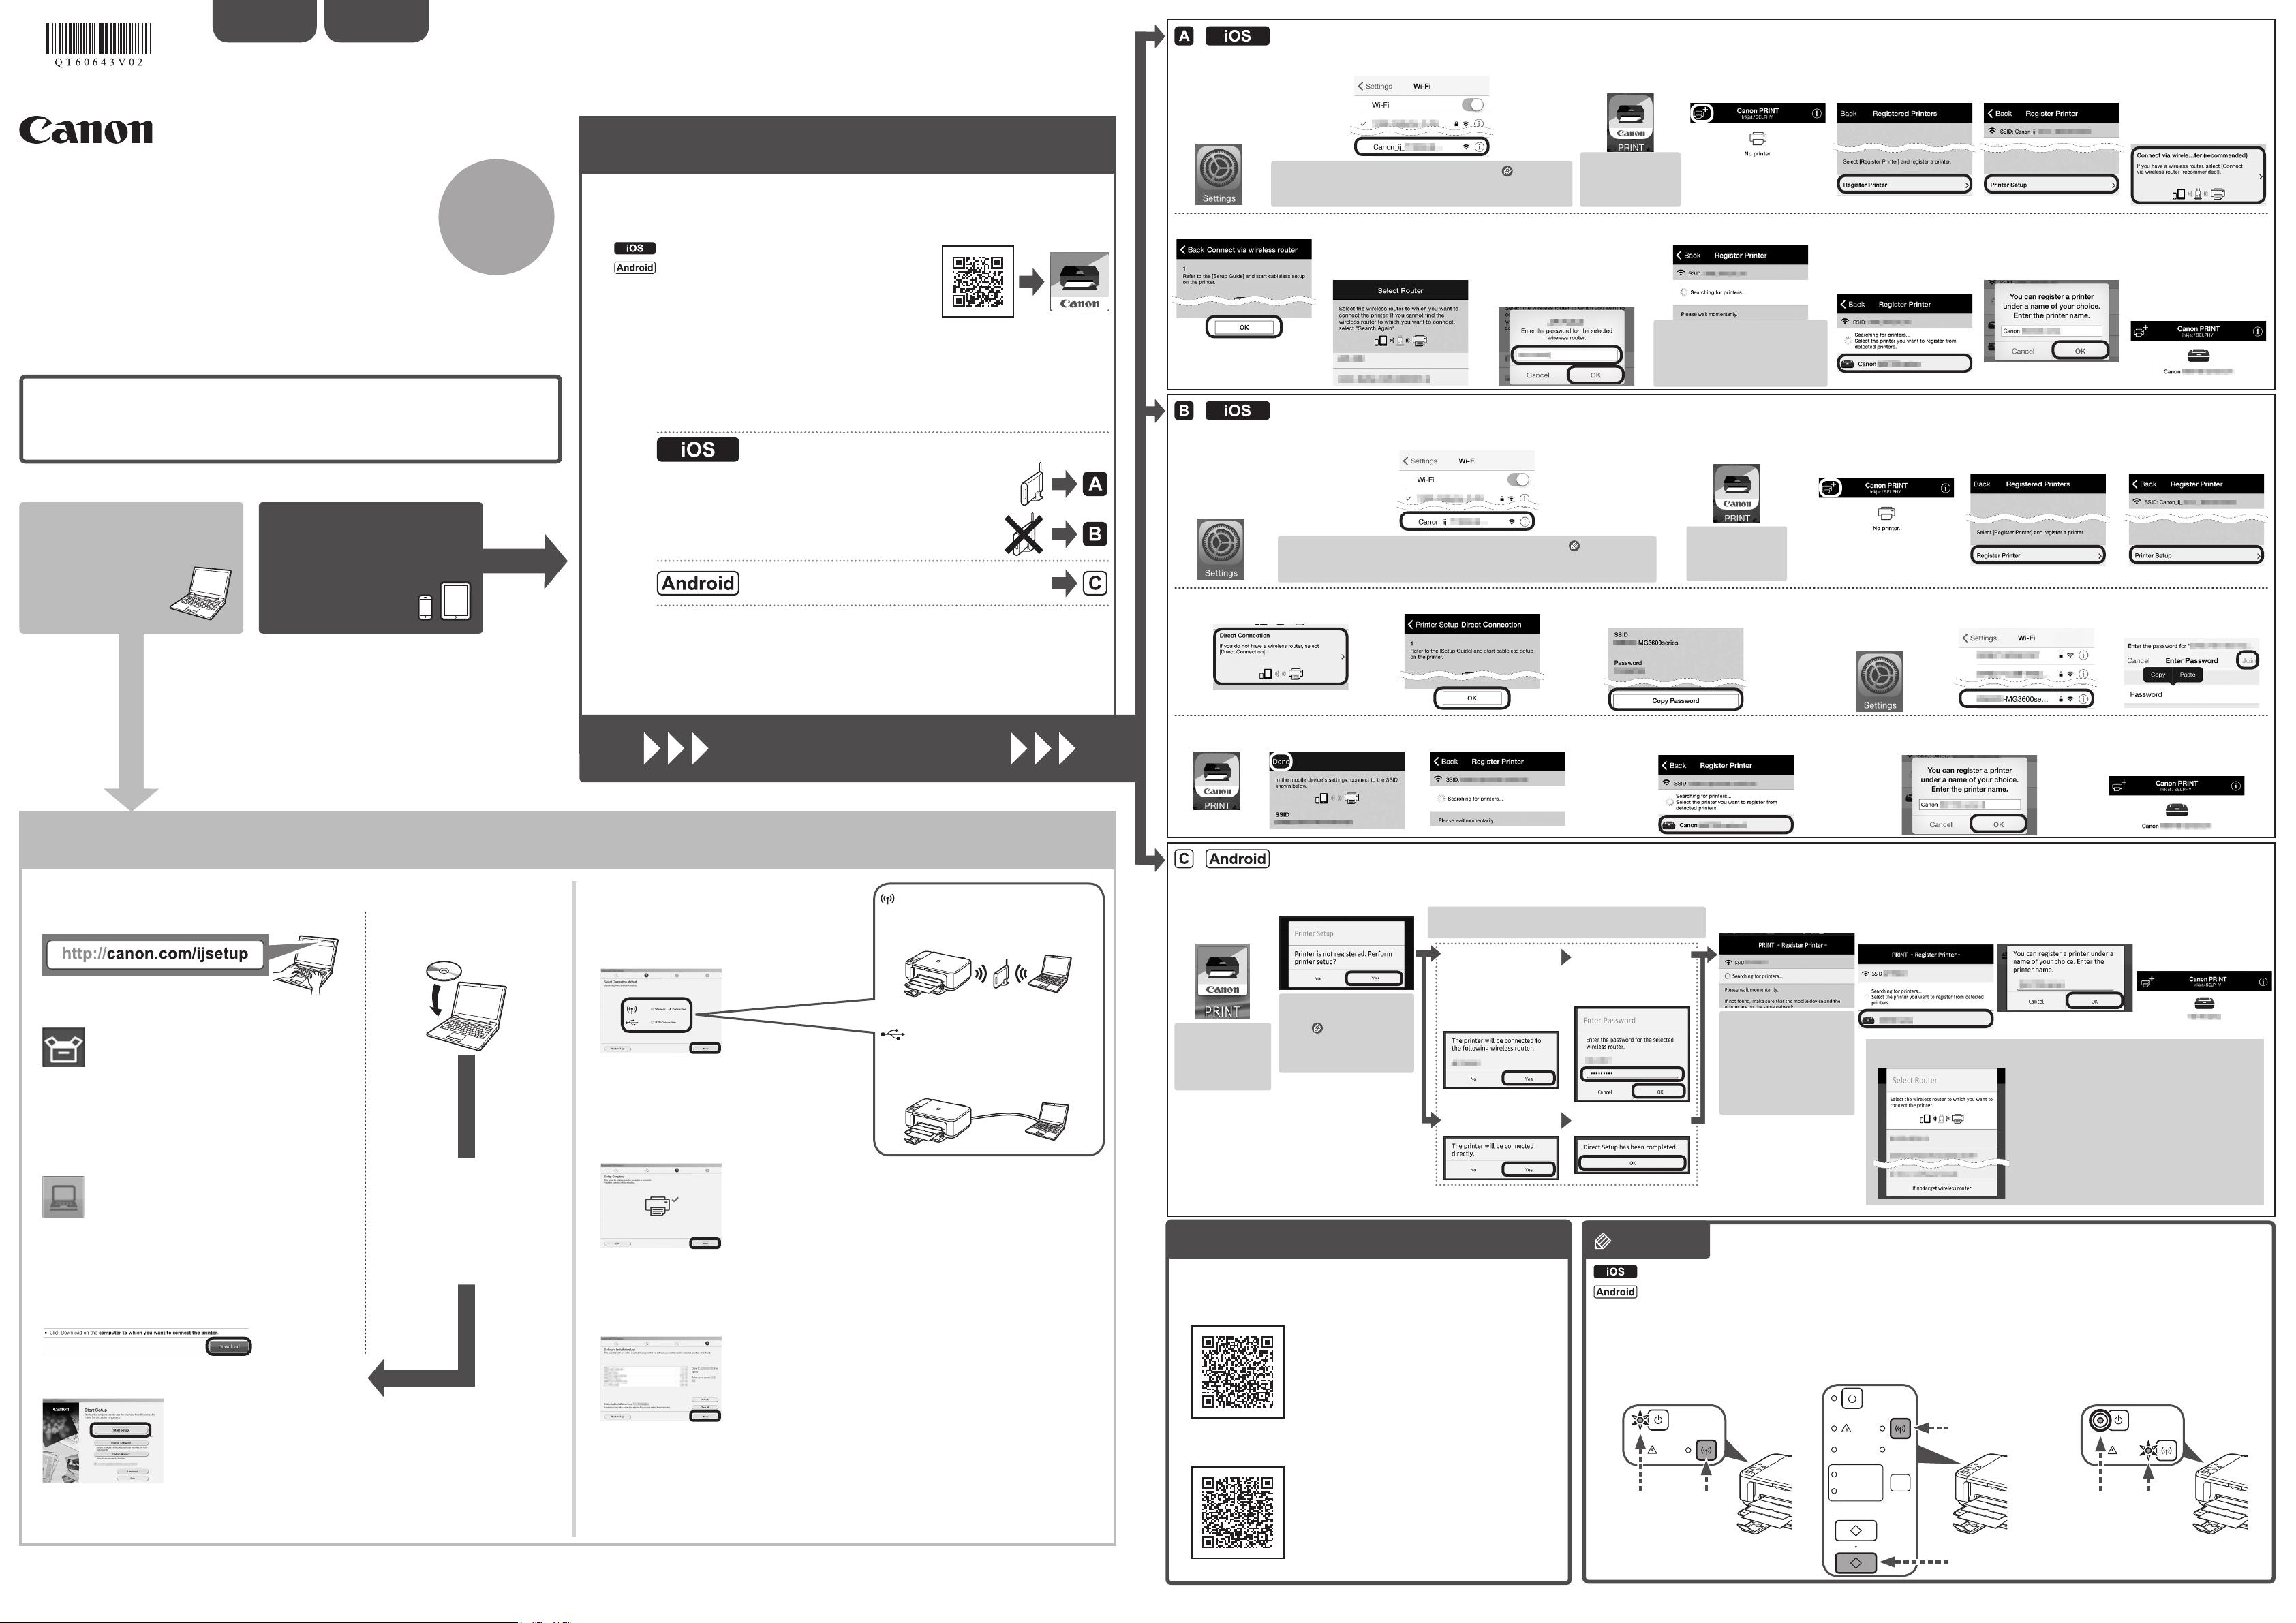 Bedienungsanleitung Canon PIXMA MG200 Seite 200 von 20 Deutsch ...